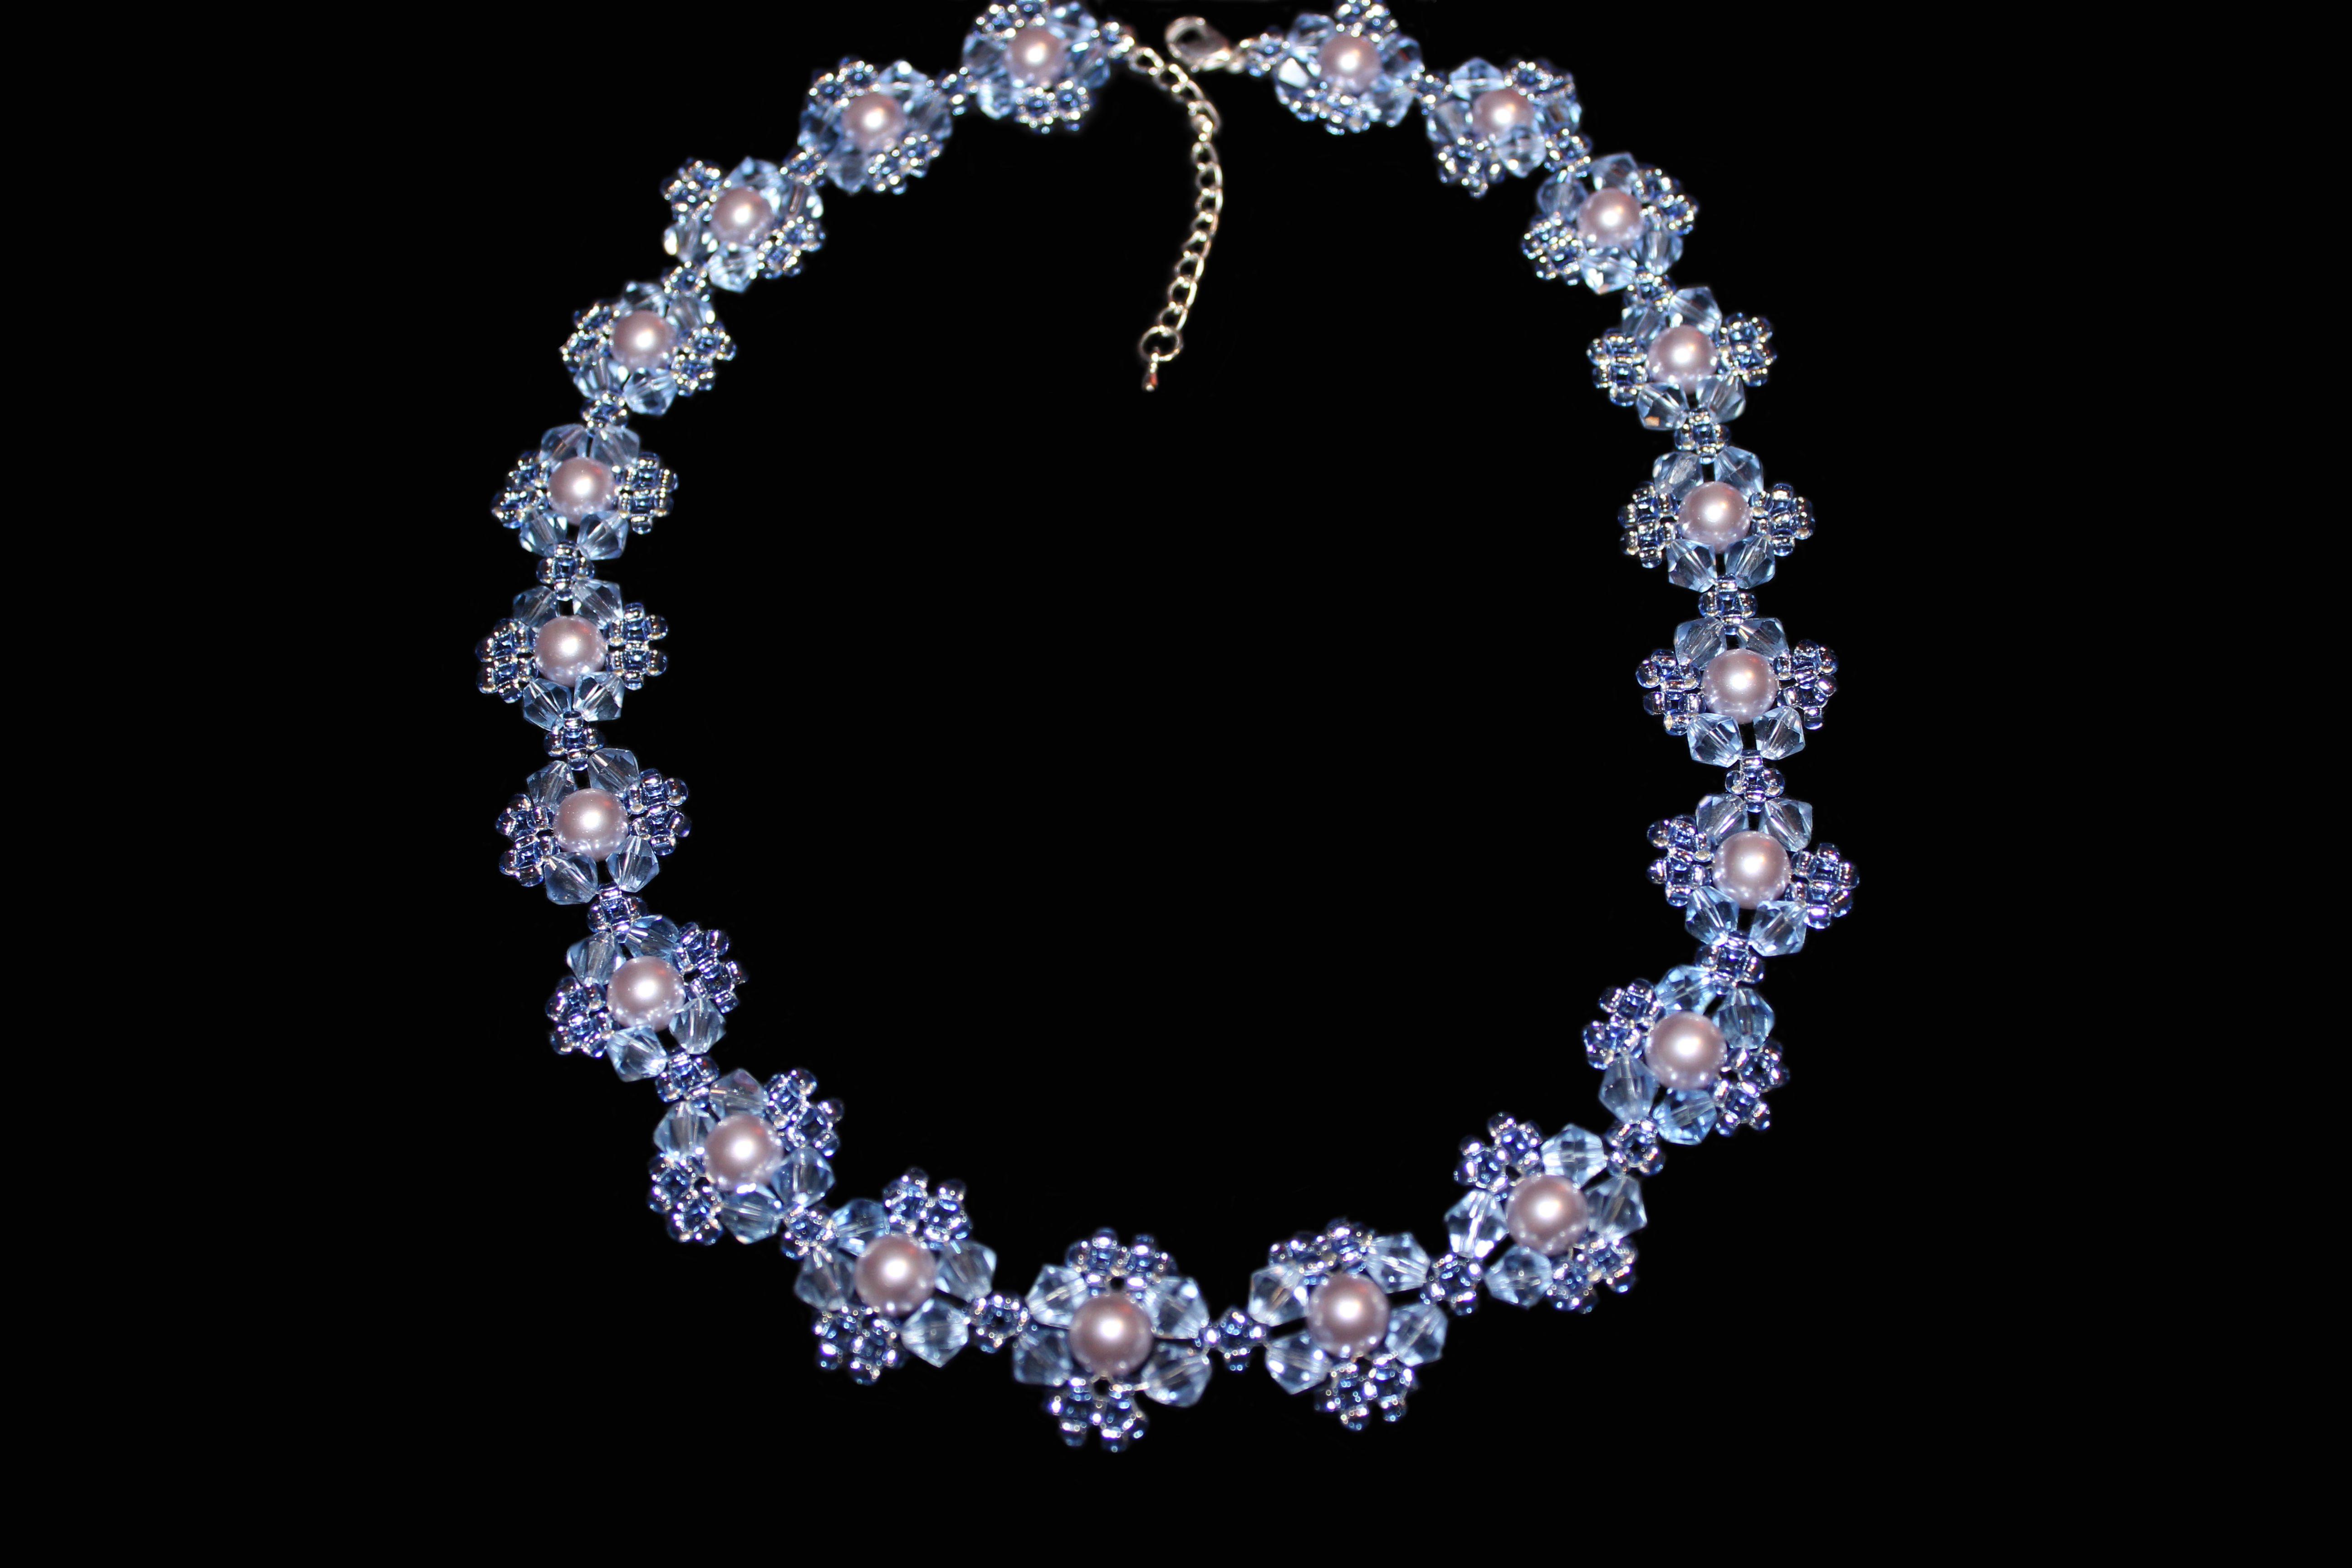 колье синий лавандовый ожерелье жемчуг бисер бусины хрусталь голубой прозрачный украшения бижутерия